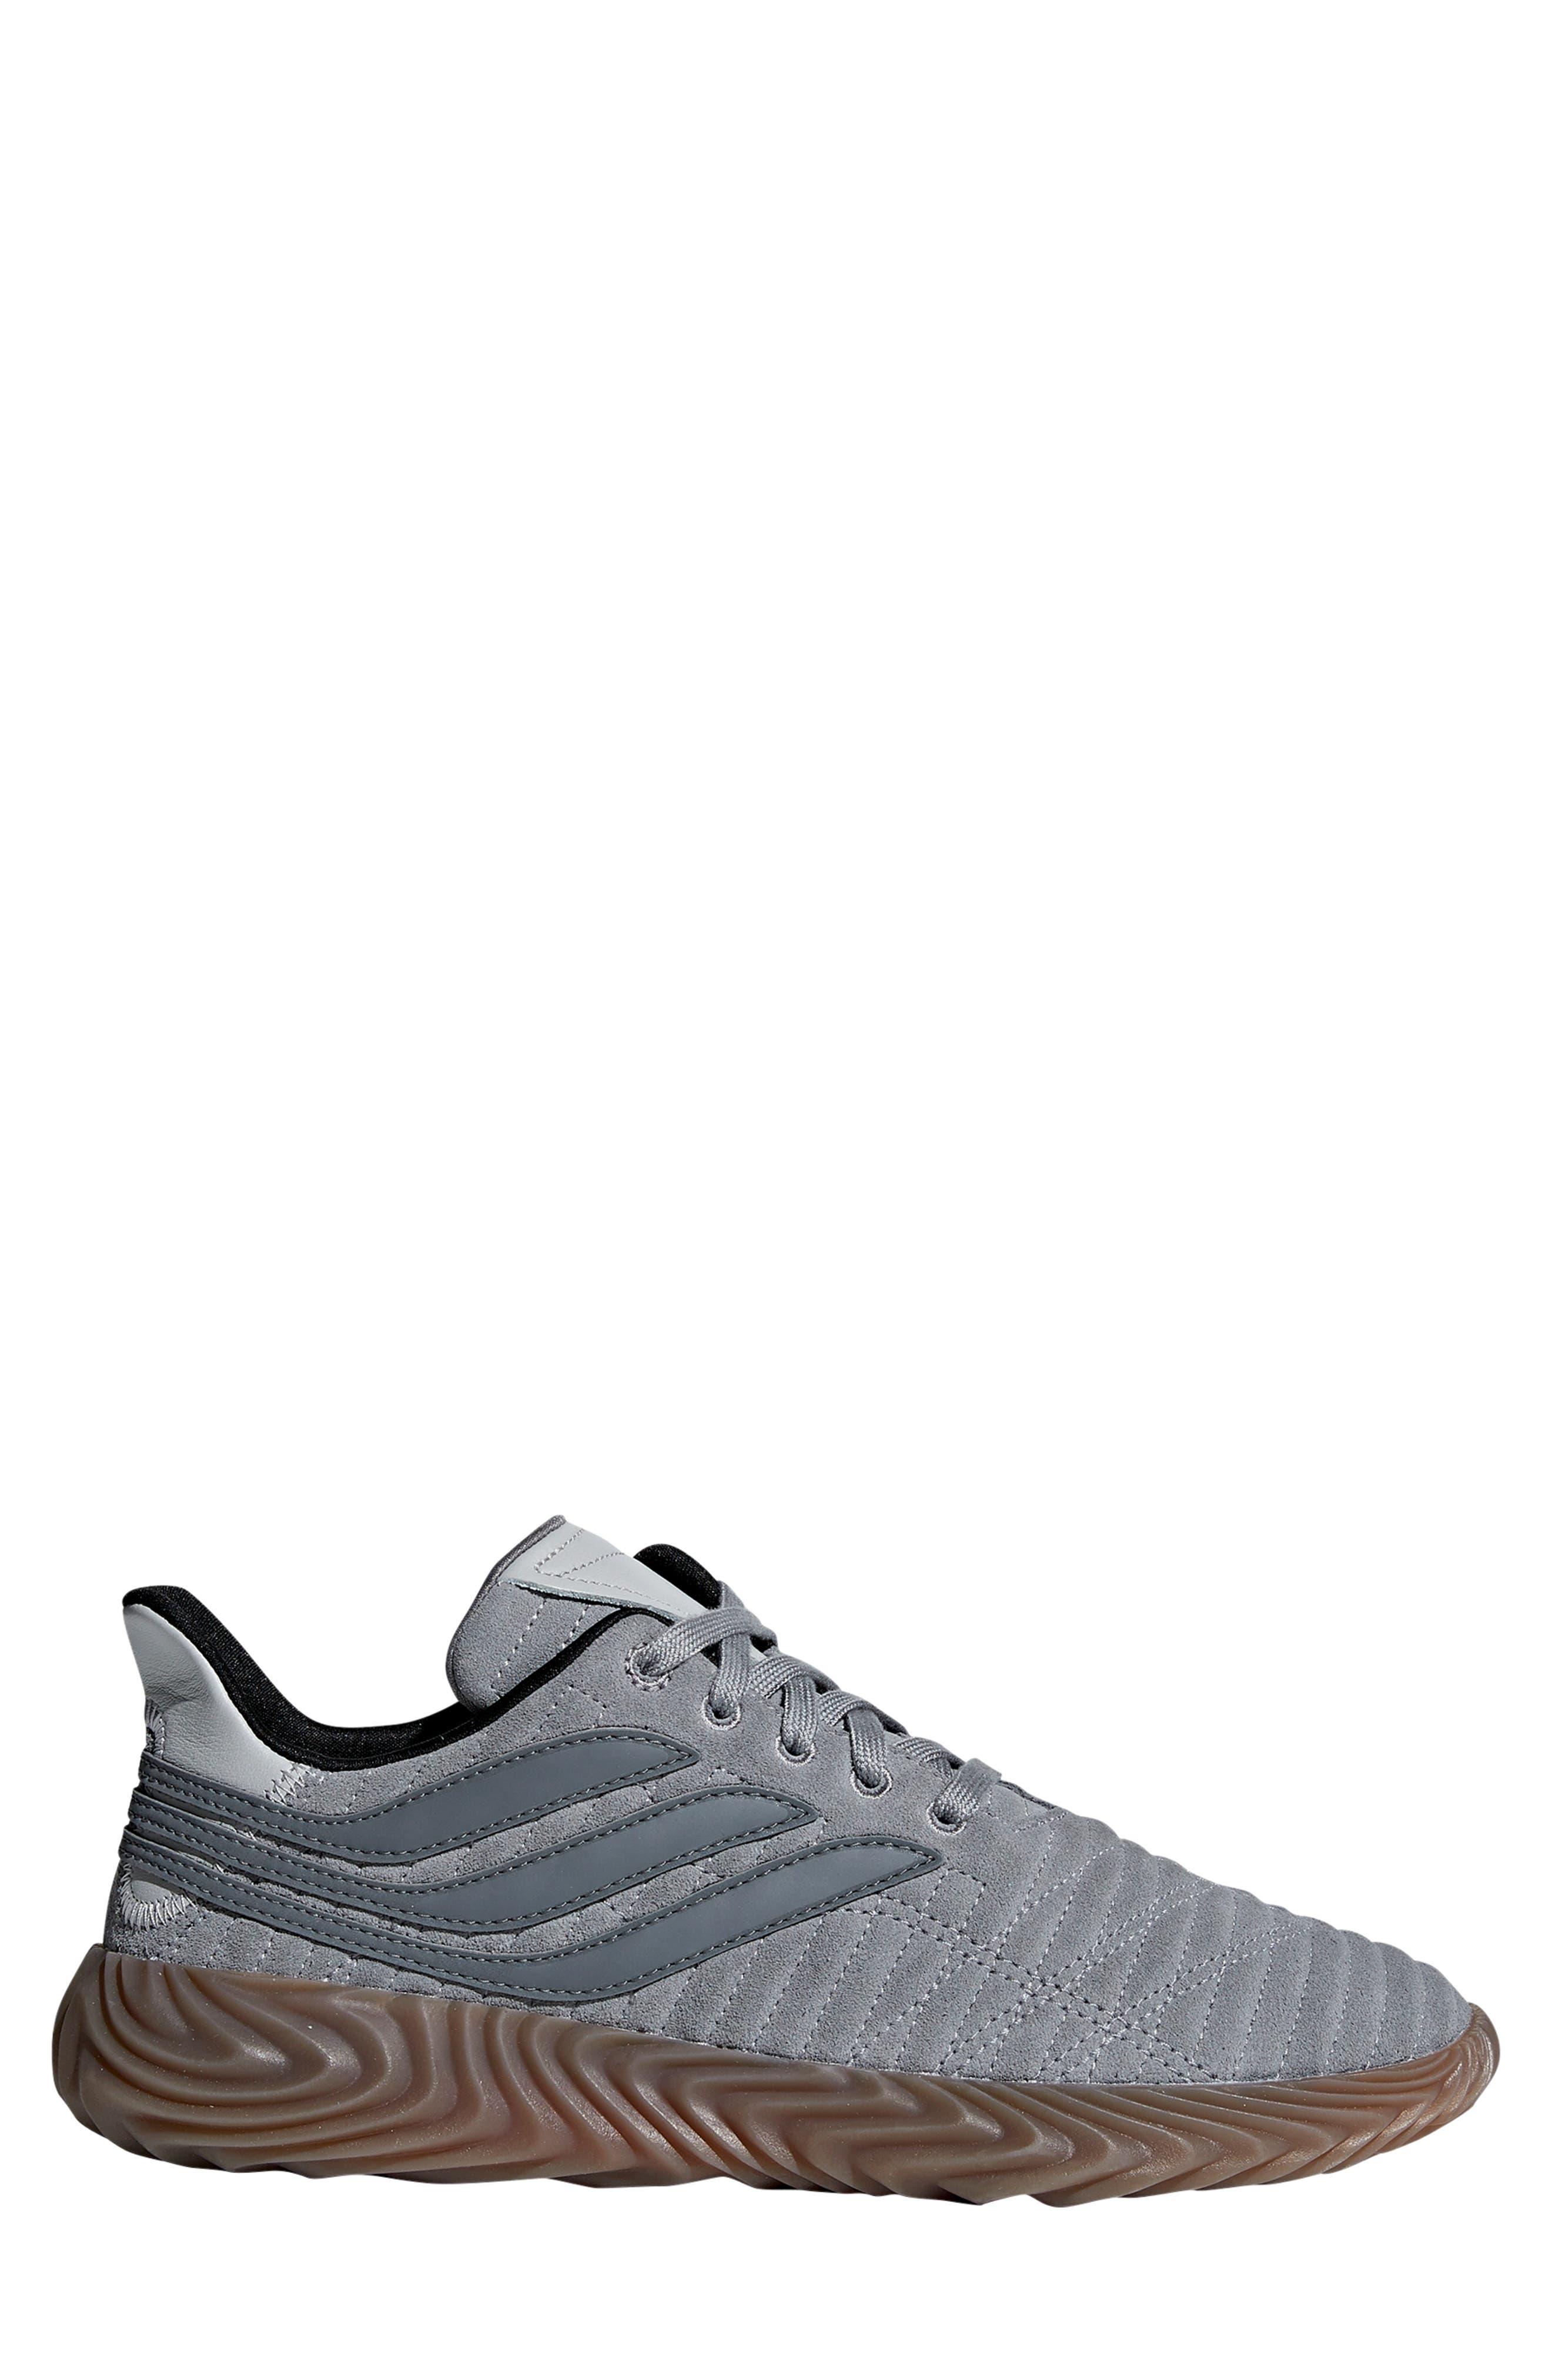 Sobakov Sneaker,                             Alternate thumbnail 3, color,                             GREY/ GREY